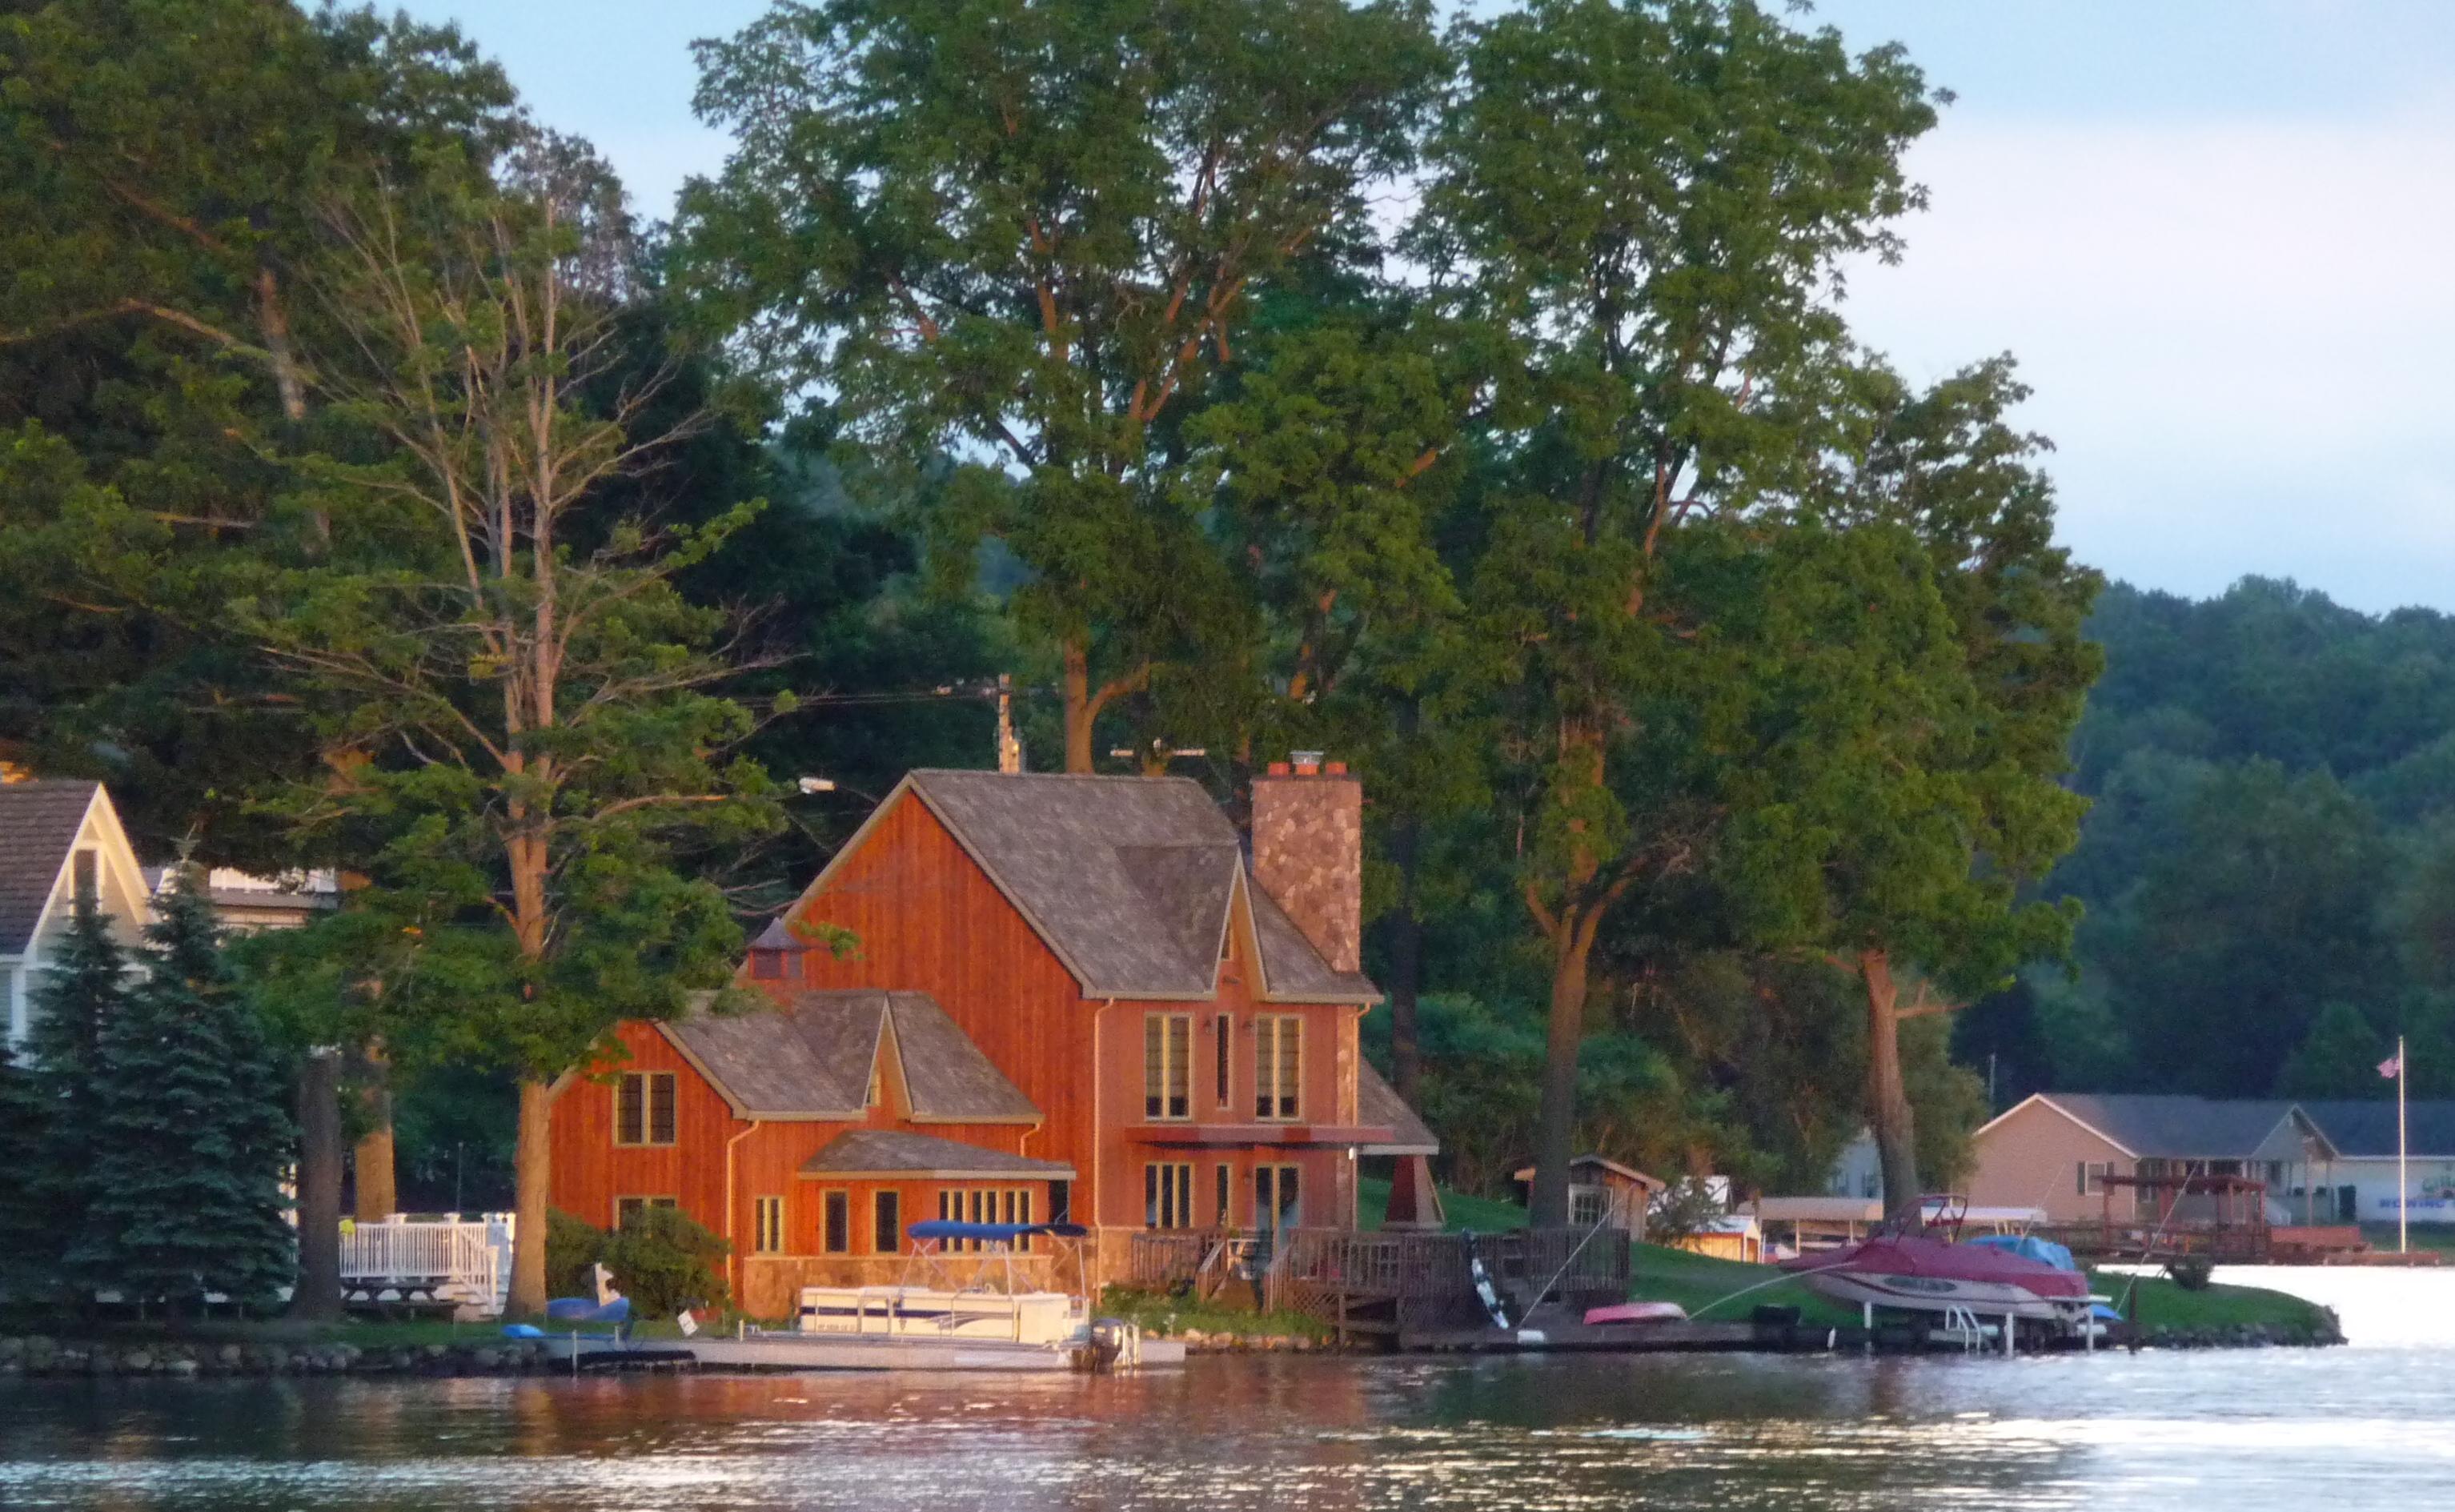 فيندلي - بحيرات ولاية أوهايو الأمريكية